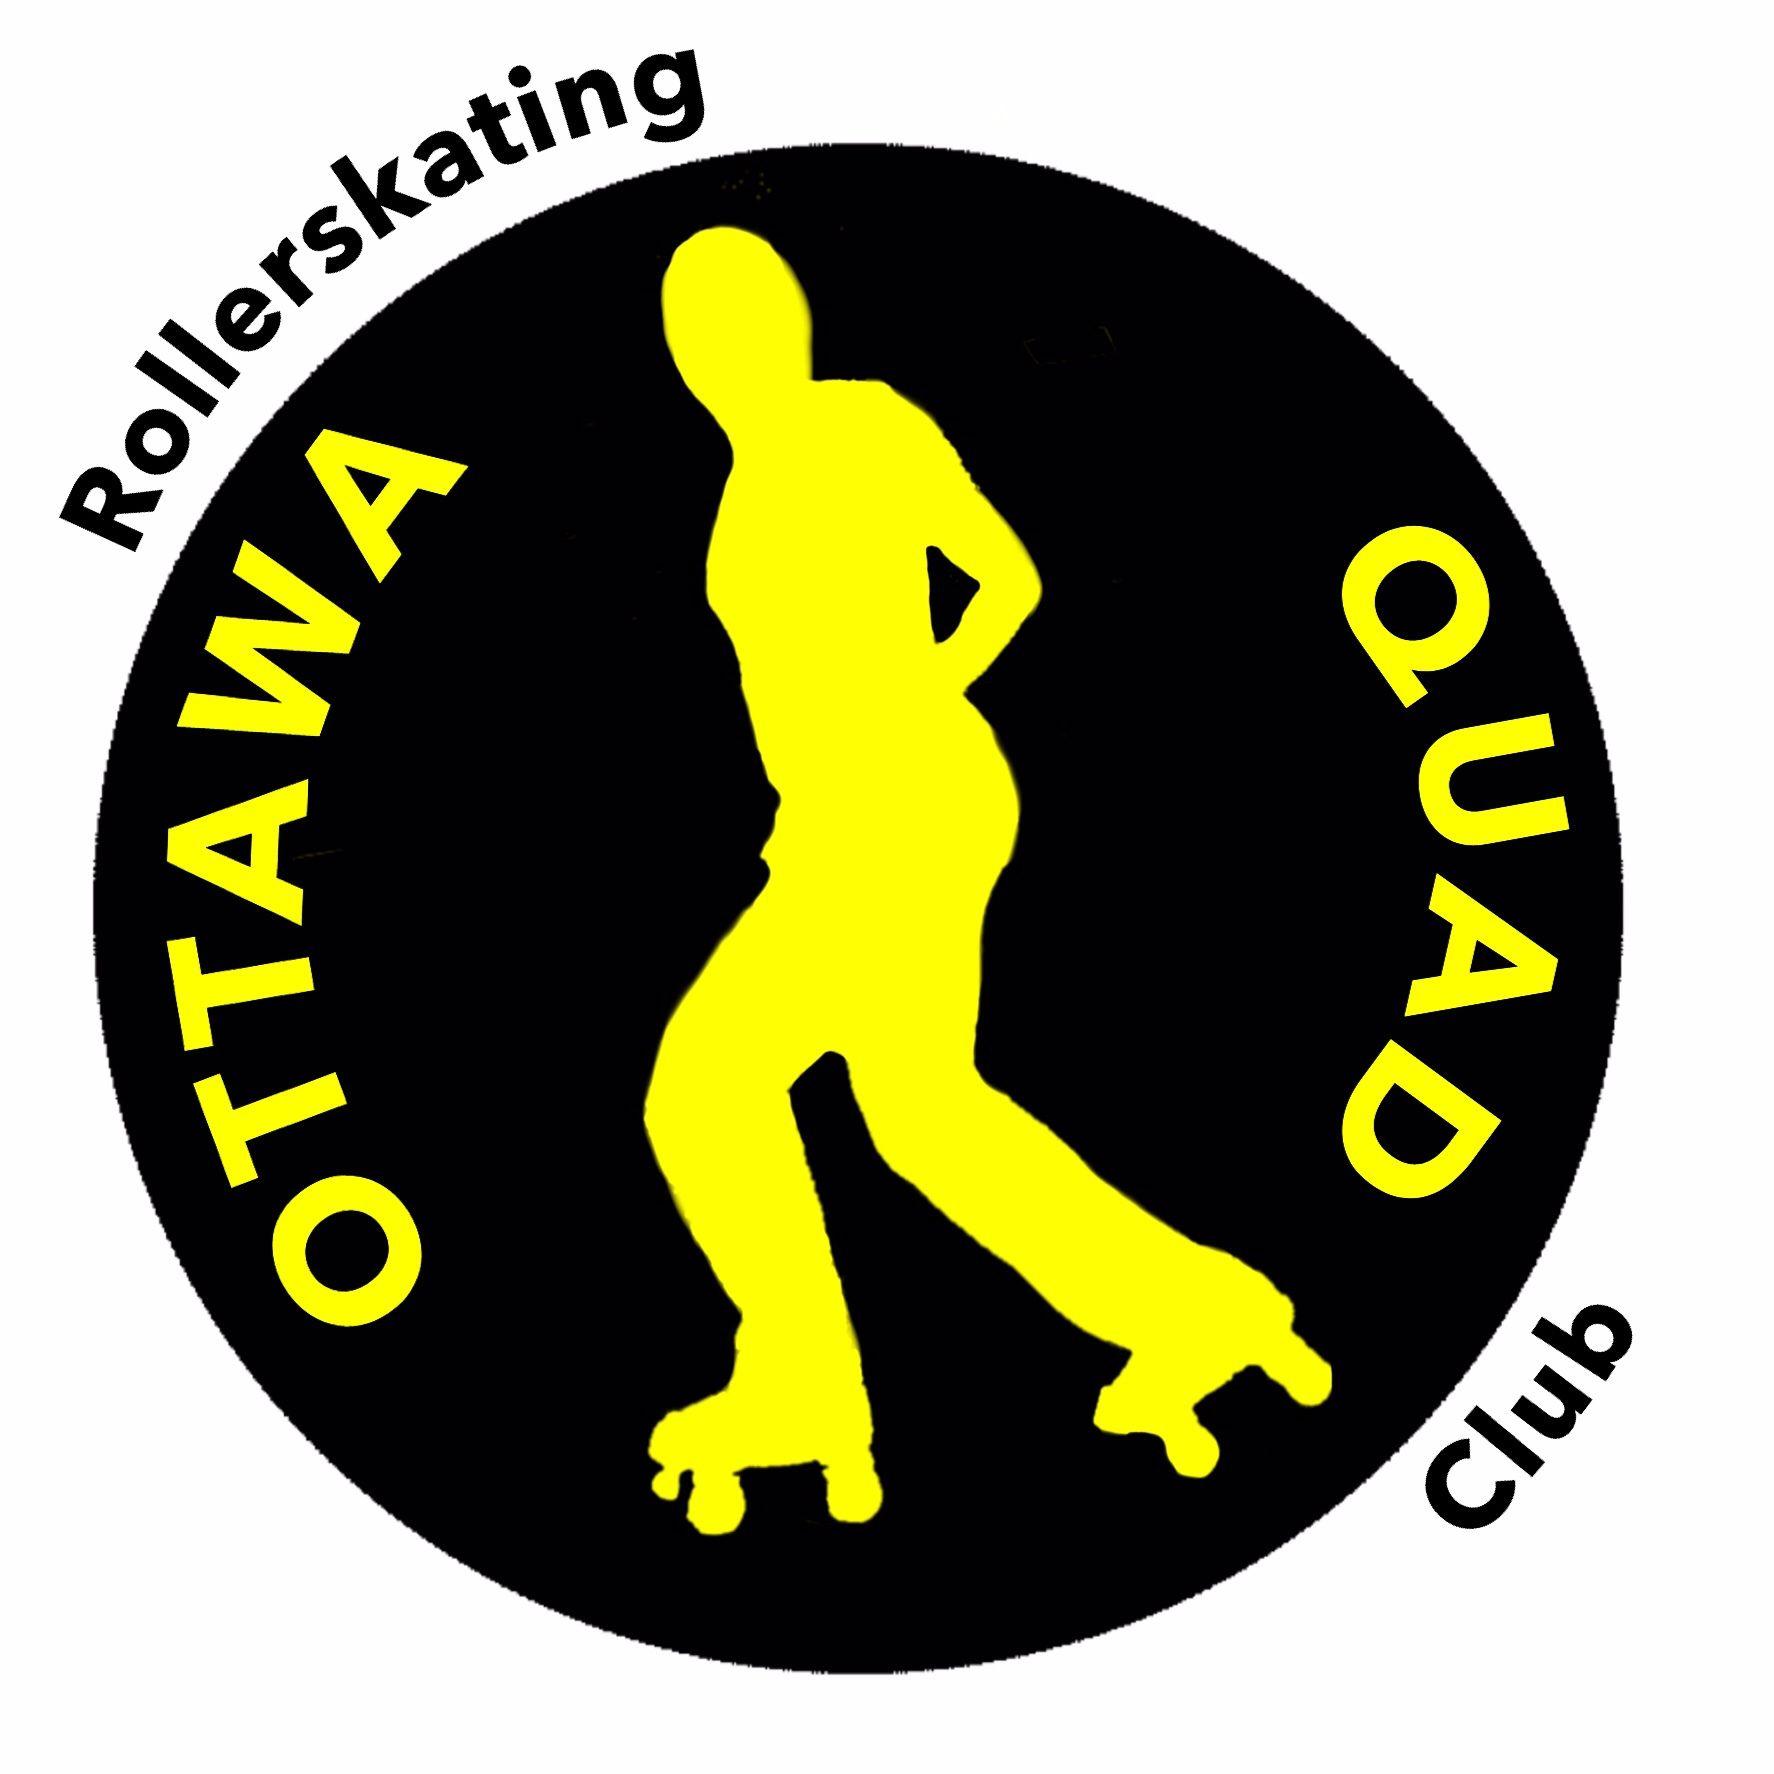 Roller skates ottawa - Friday Night Social Roller Skate Ottawa Roller Skating Meetup Ottawa On Meetup